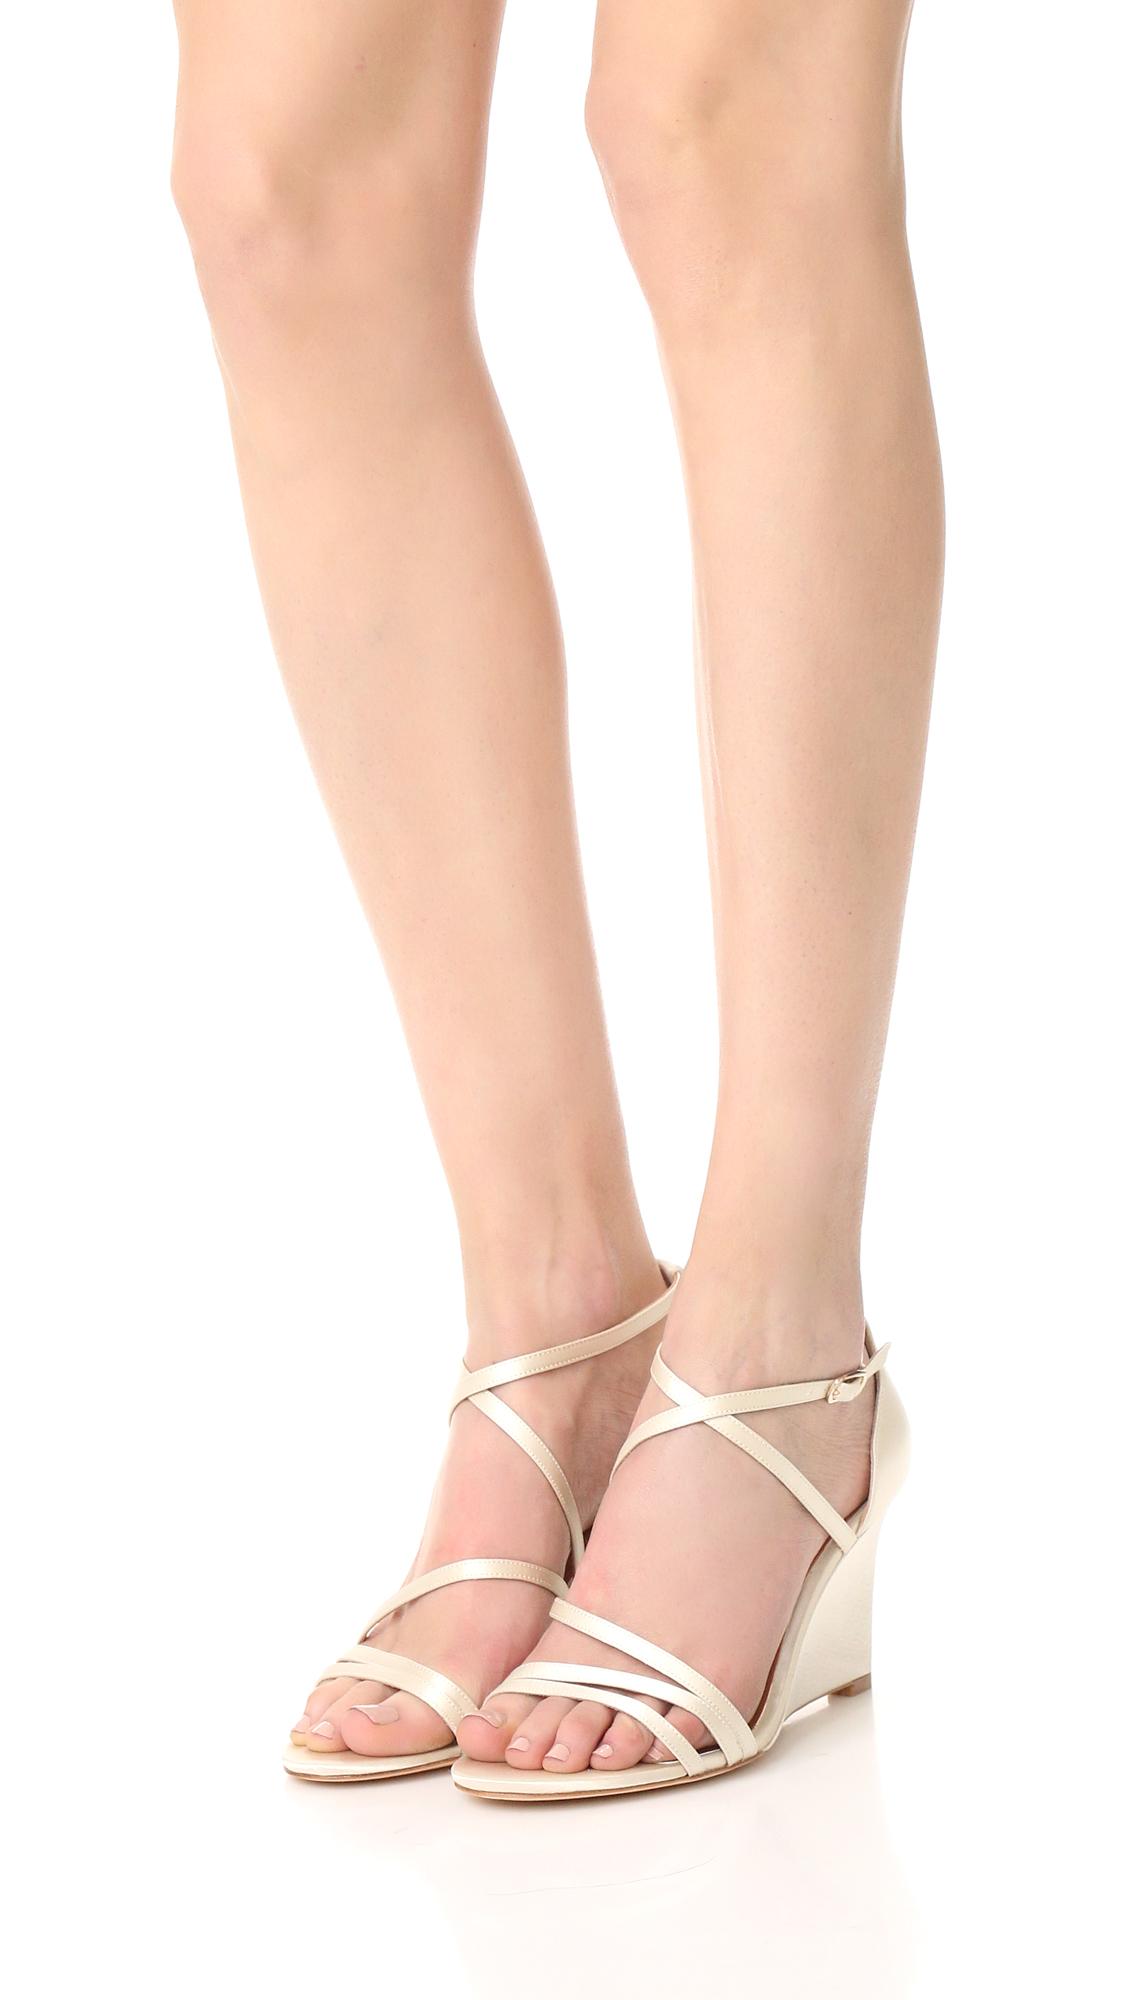 Badgley Mischka Bonanza Satin Strappy Wedge Sandals 5Fyln